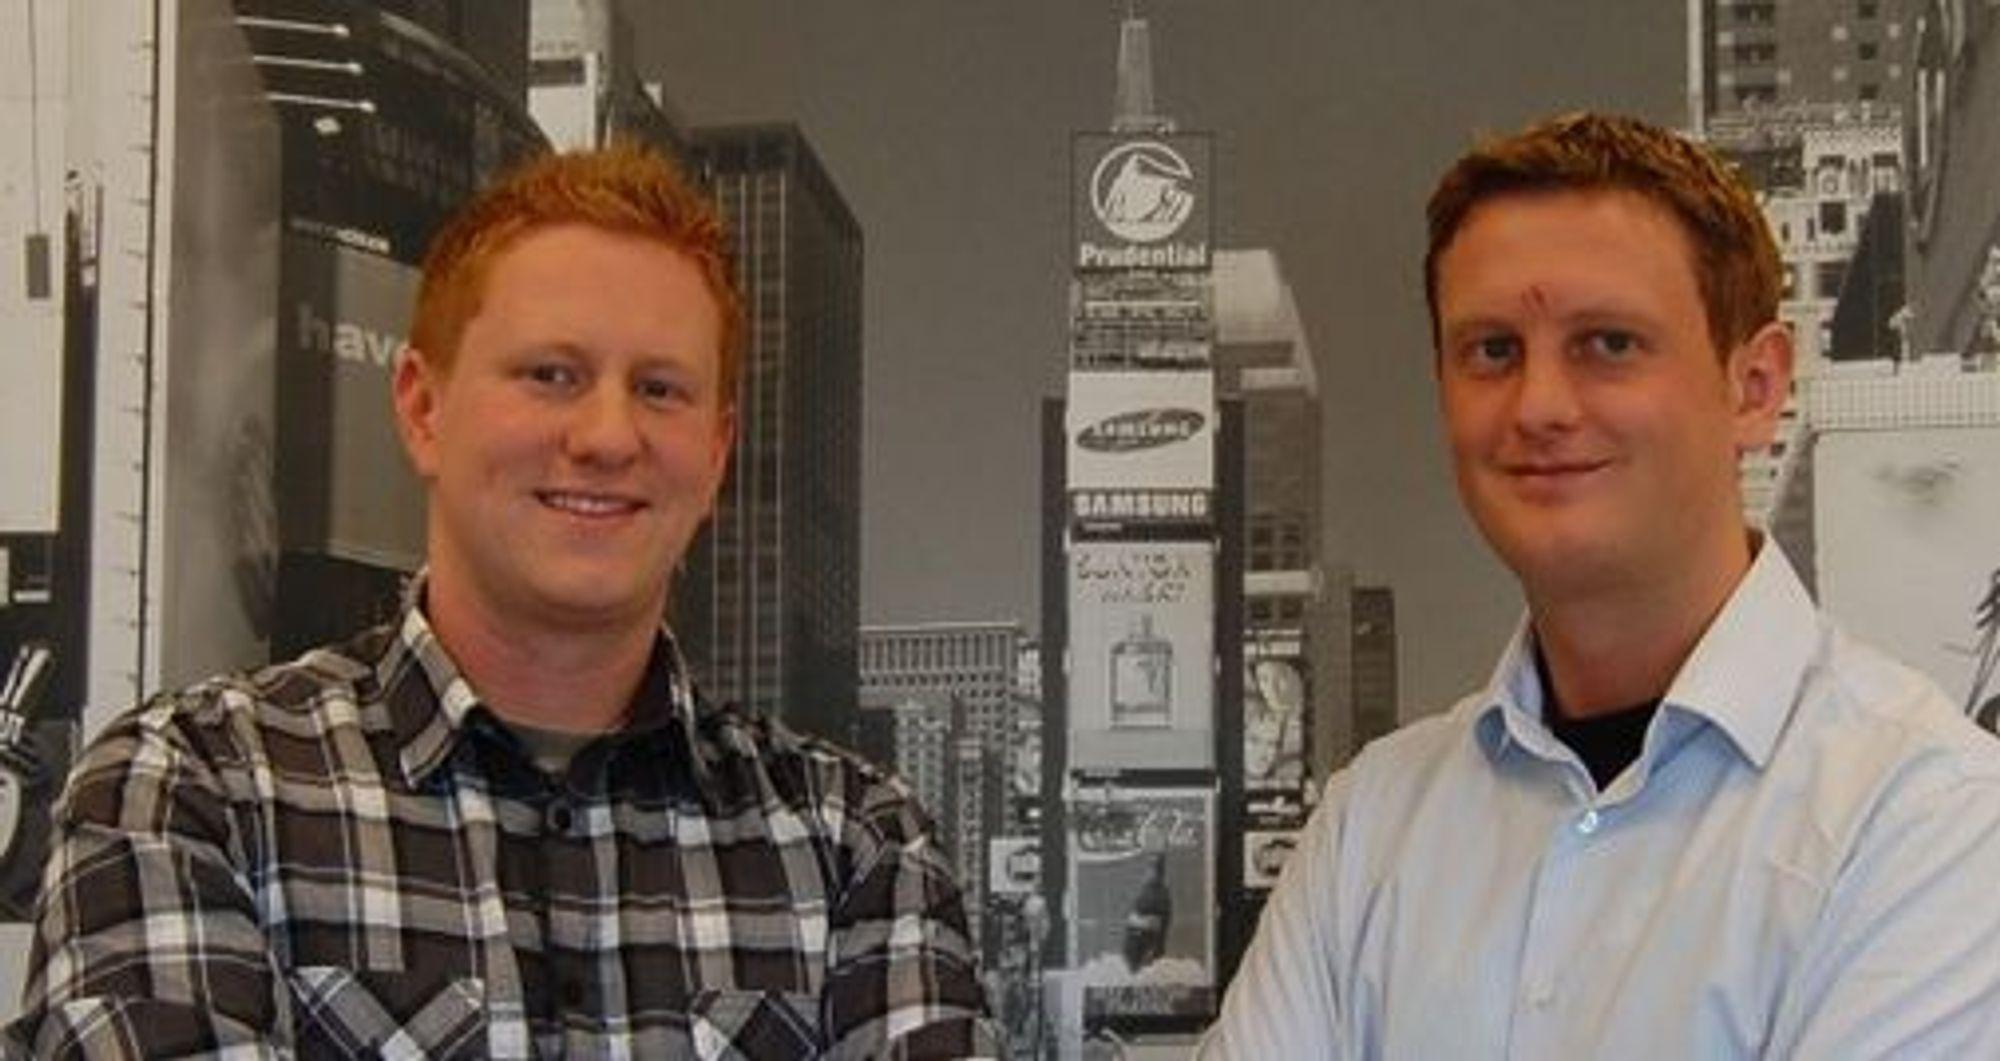 Nettgründere: Utviklerne Stian Tonaas Fauske (til v.) og Njål A. Gjermundshaug ble først kjent under felles IT-studier i Australia.